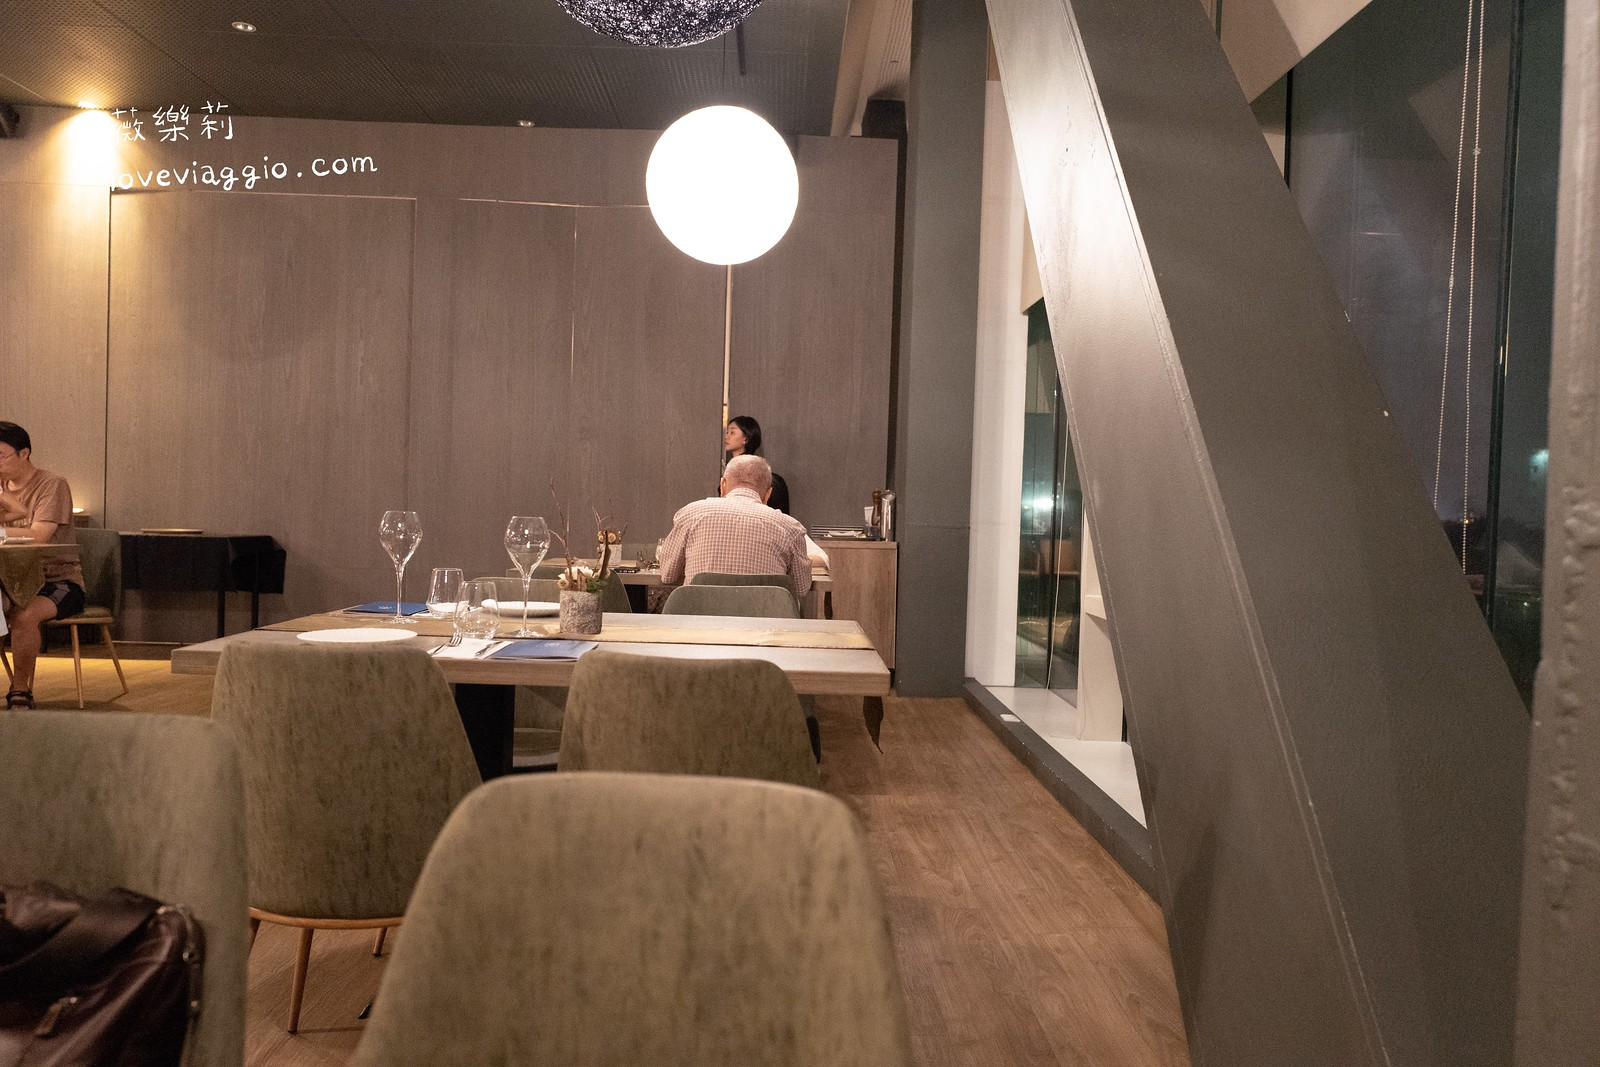 【高雄 Kaohsiung】Stage 5 法式餐酒館 衛武營國家藝術文化中心3樓 @薇樂莉 Love Viaggio   旅行.生活.攝影